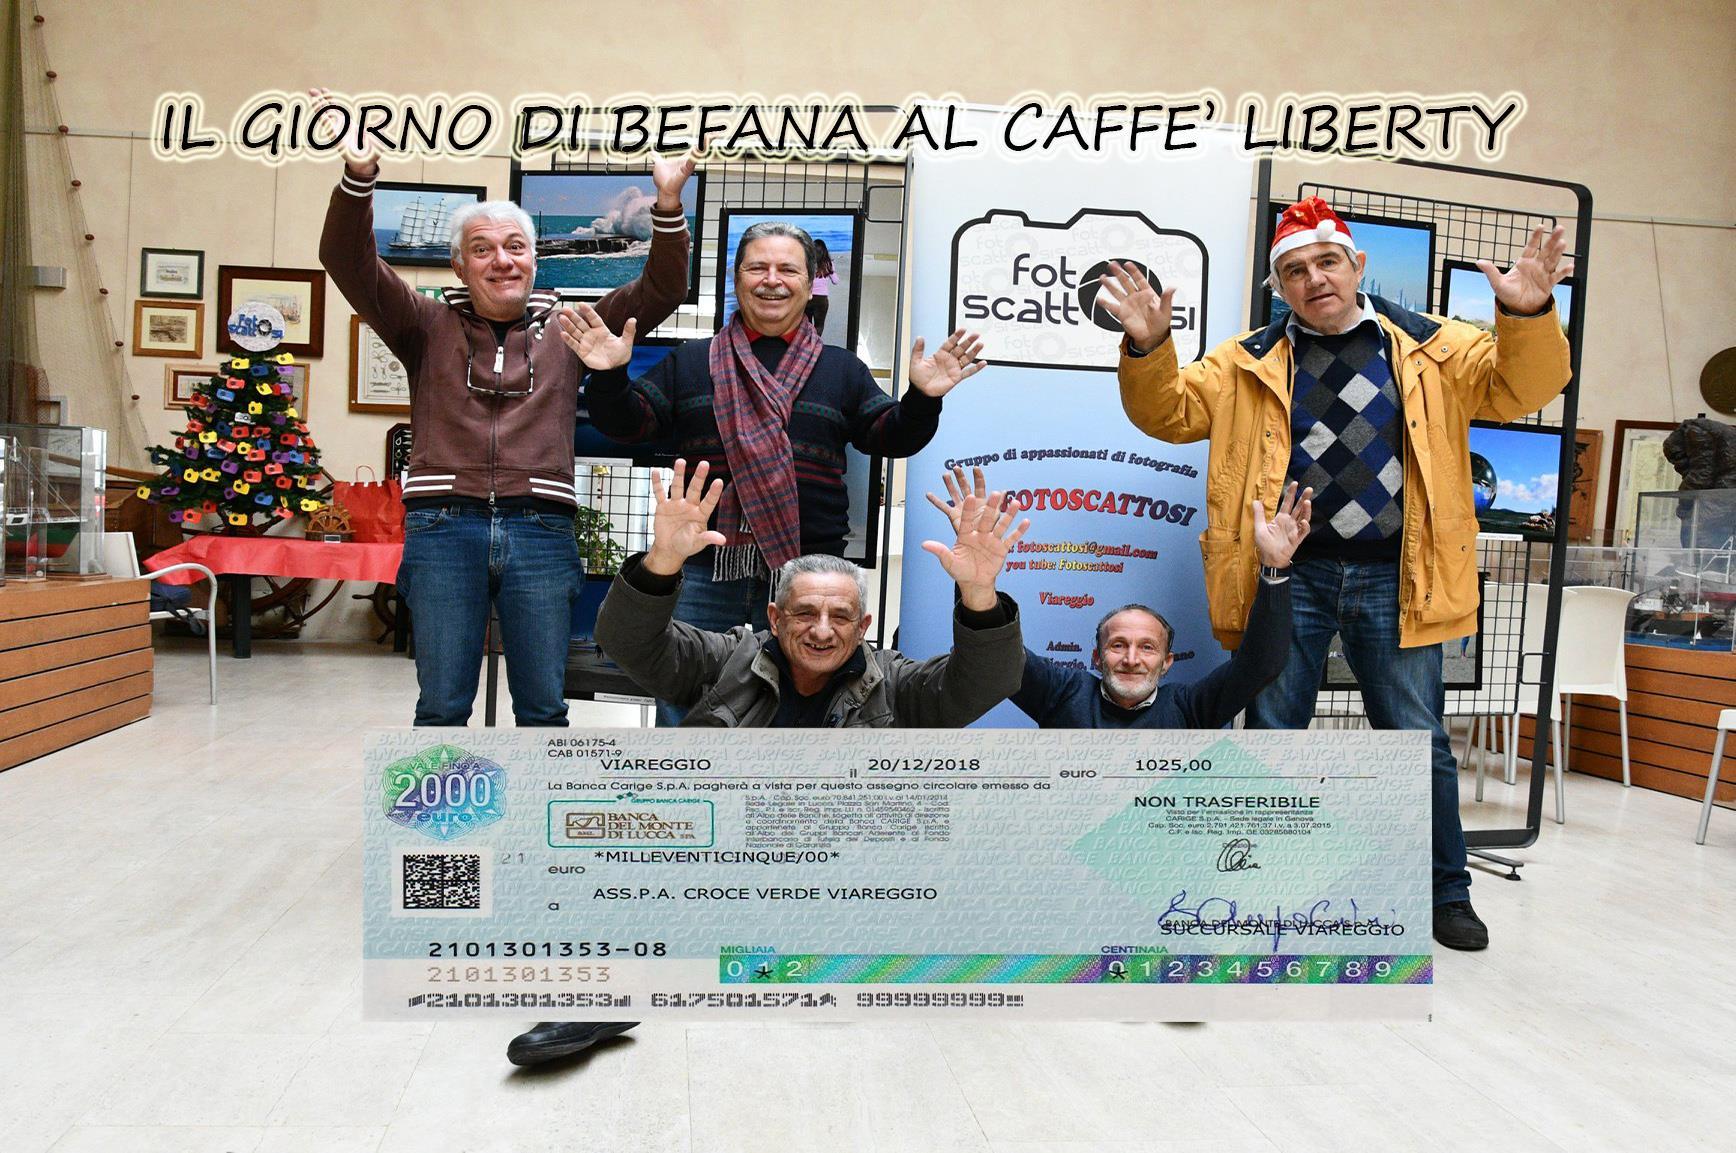 Regalo di Befana, i Fotoscattosi consegnano alla Croce Verde di Viareggio 1025 euro